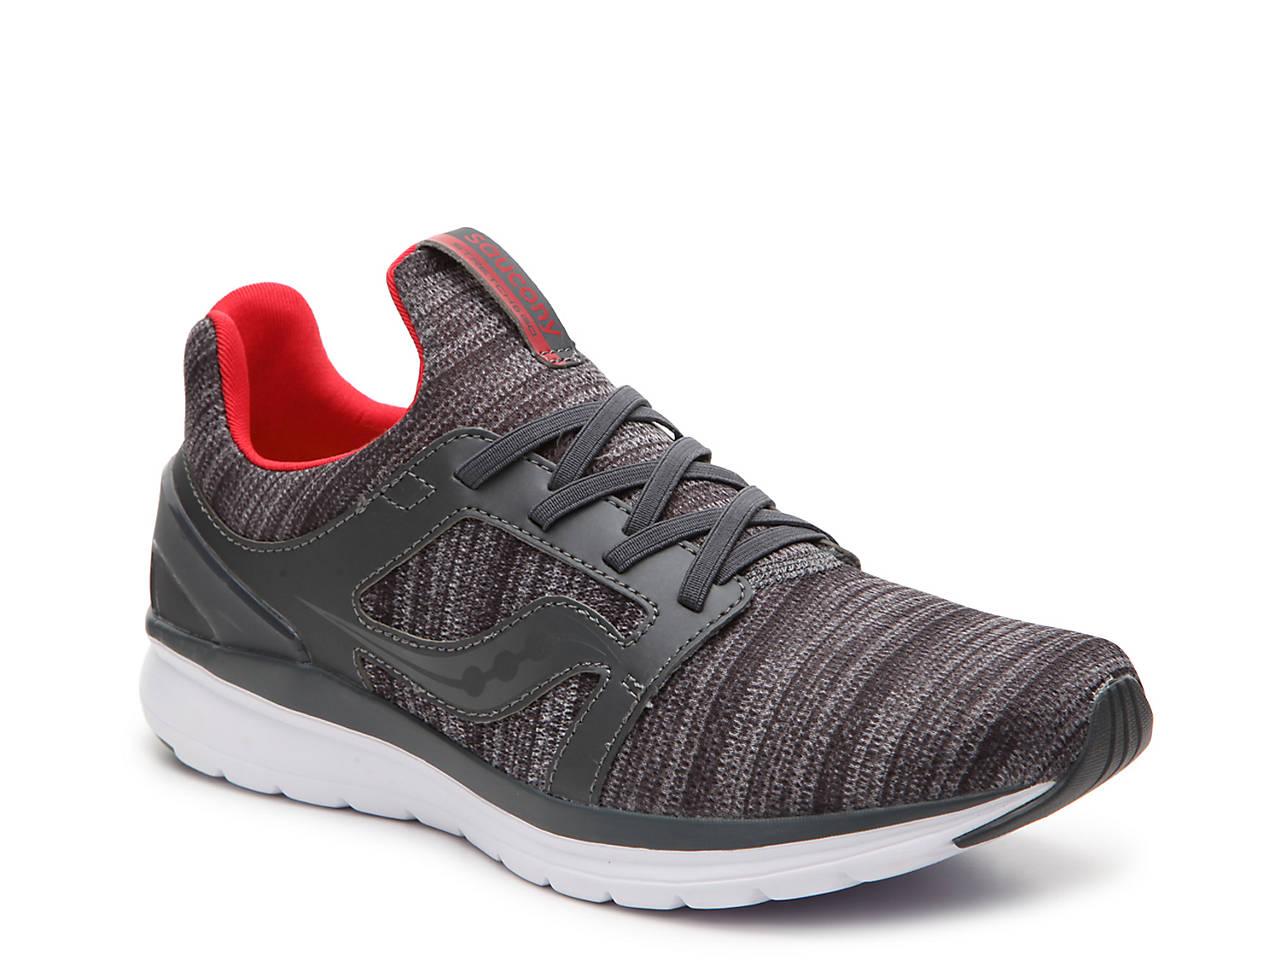 3beb0e7e2b5c Saucony Stretch   Go Ease Lightweight Slip-On Running Shoe - Men s ...